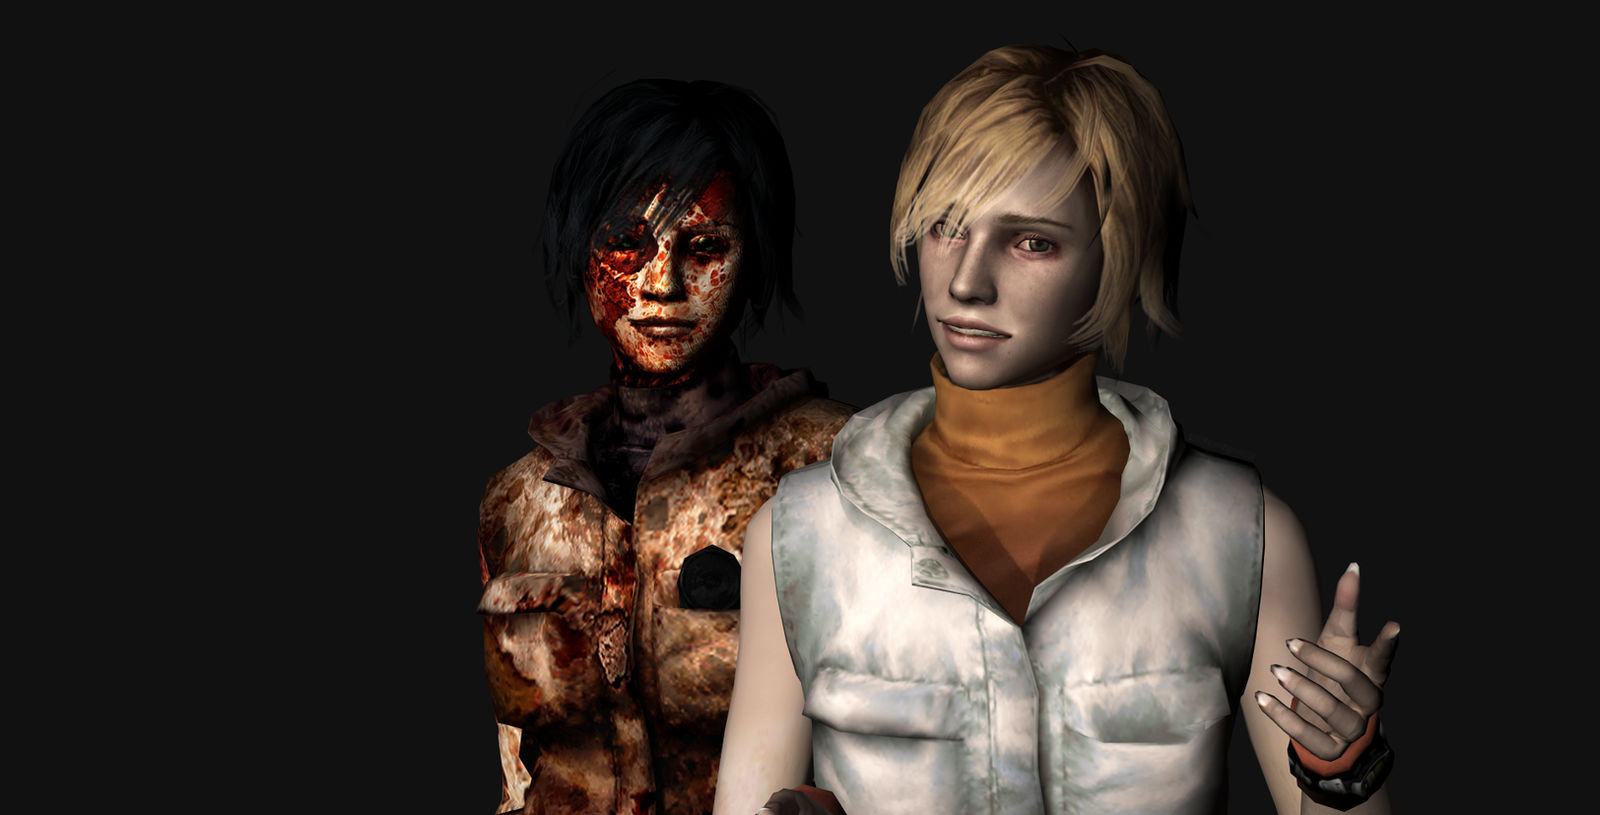 Silent Hill 3 Cheryl And Alessa Export Render 2 By Darkreign27 On Deviantart